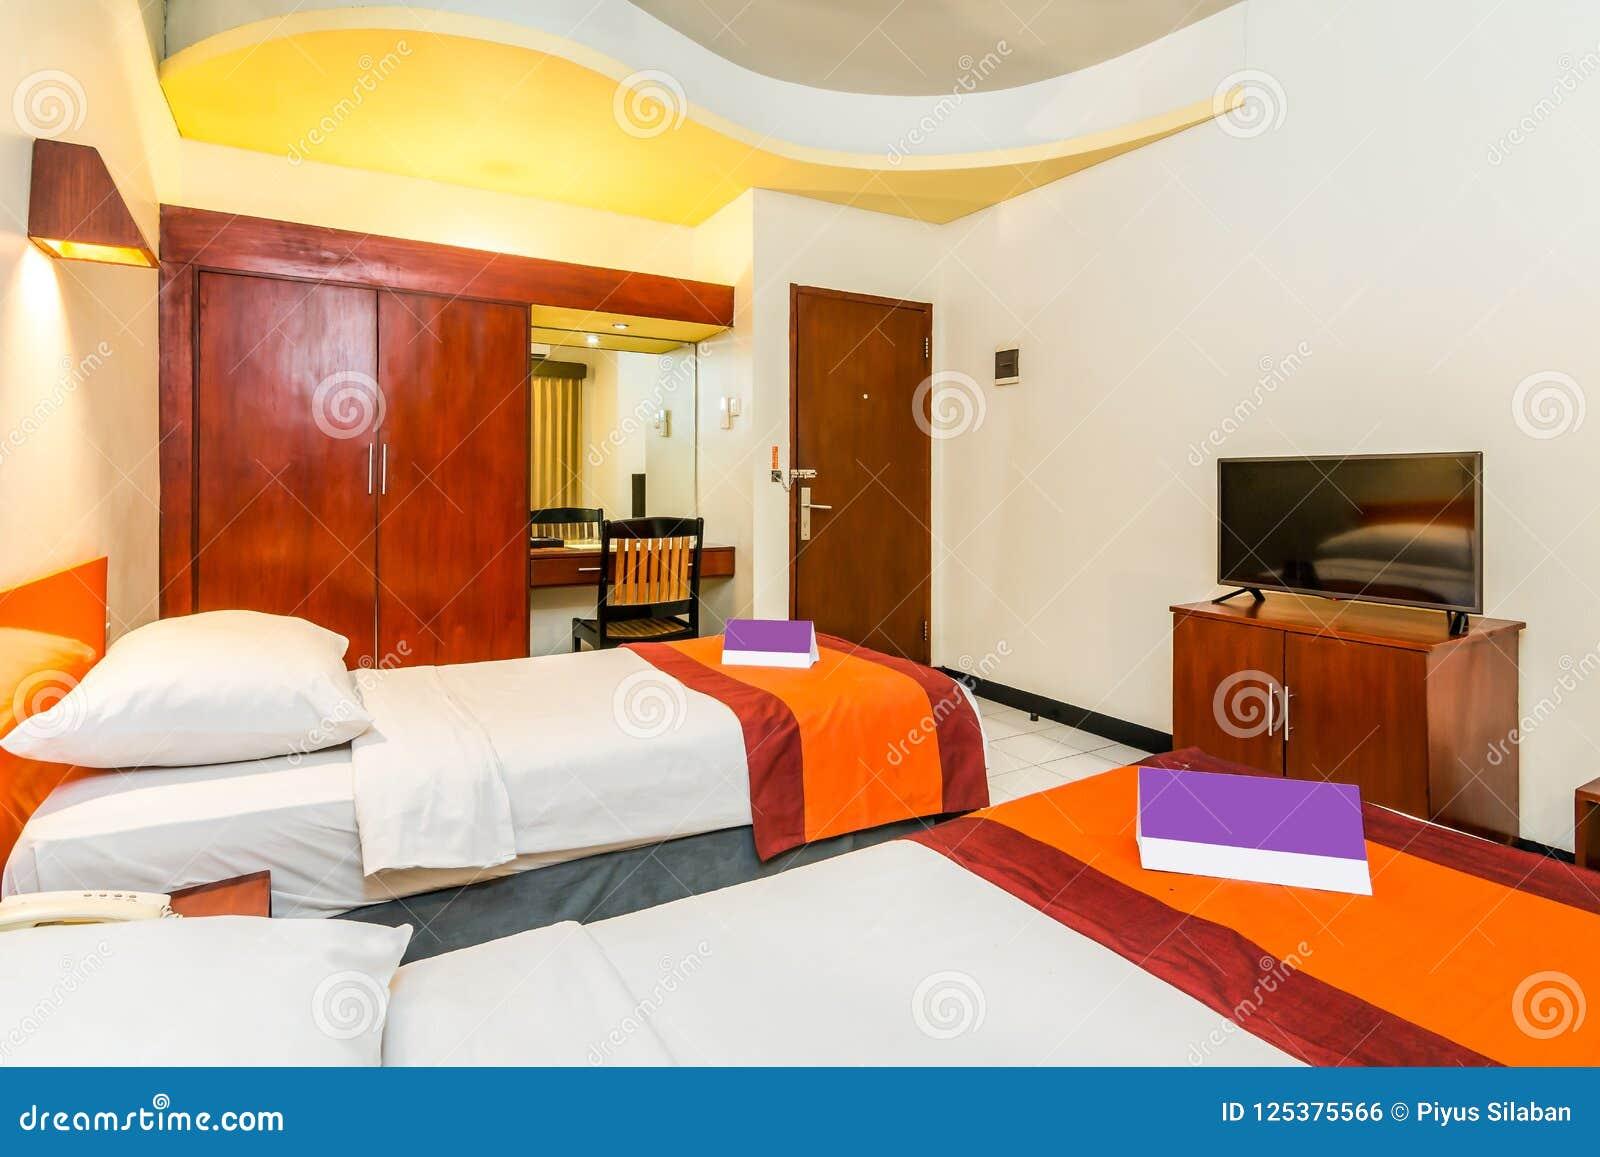 Letti Di Lusso Prezzi : Camera da letto di lusso eccellente dell hotel del letto gemellato